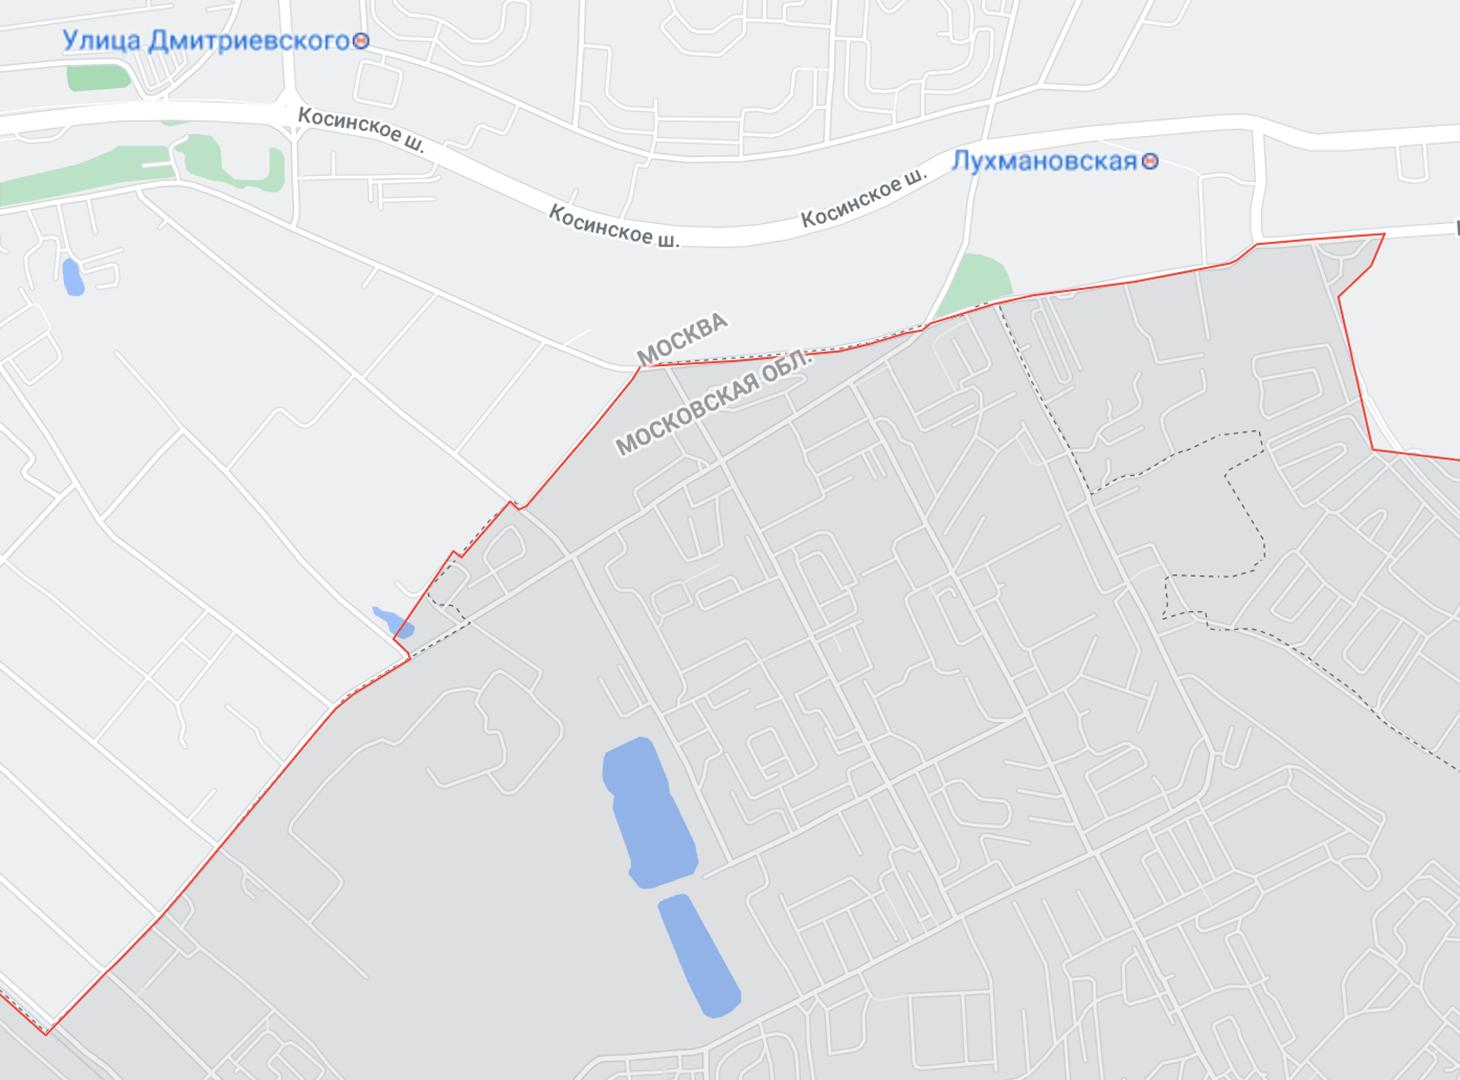 Светло-серым на карте обозначена Москва, а темно-серым — Люберцы. Я живу возле маленького прямоугольного пруда. Жилые дома в Косино находятся за Косинским шоссе. Между ними и Люберцами небольшой пустырь с линиями электропередач